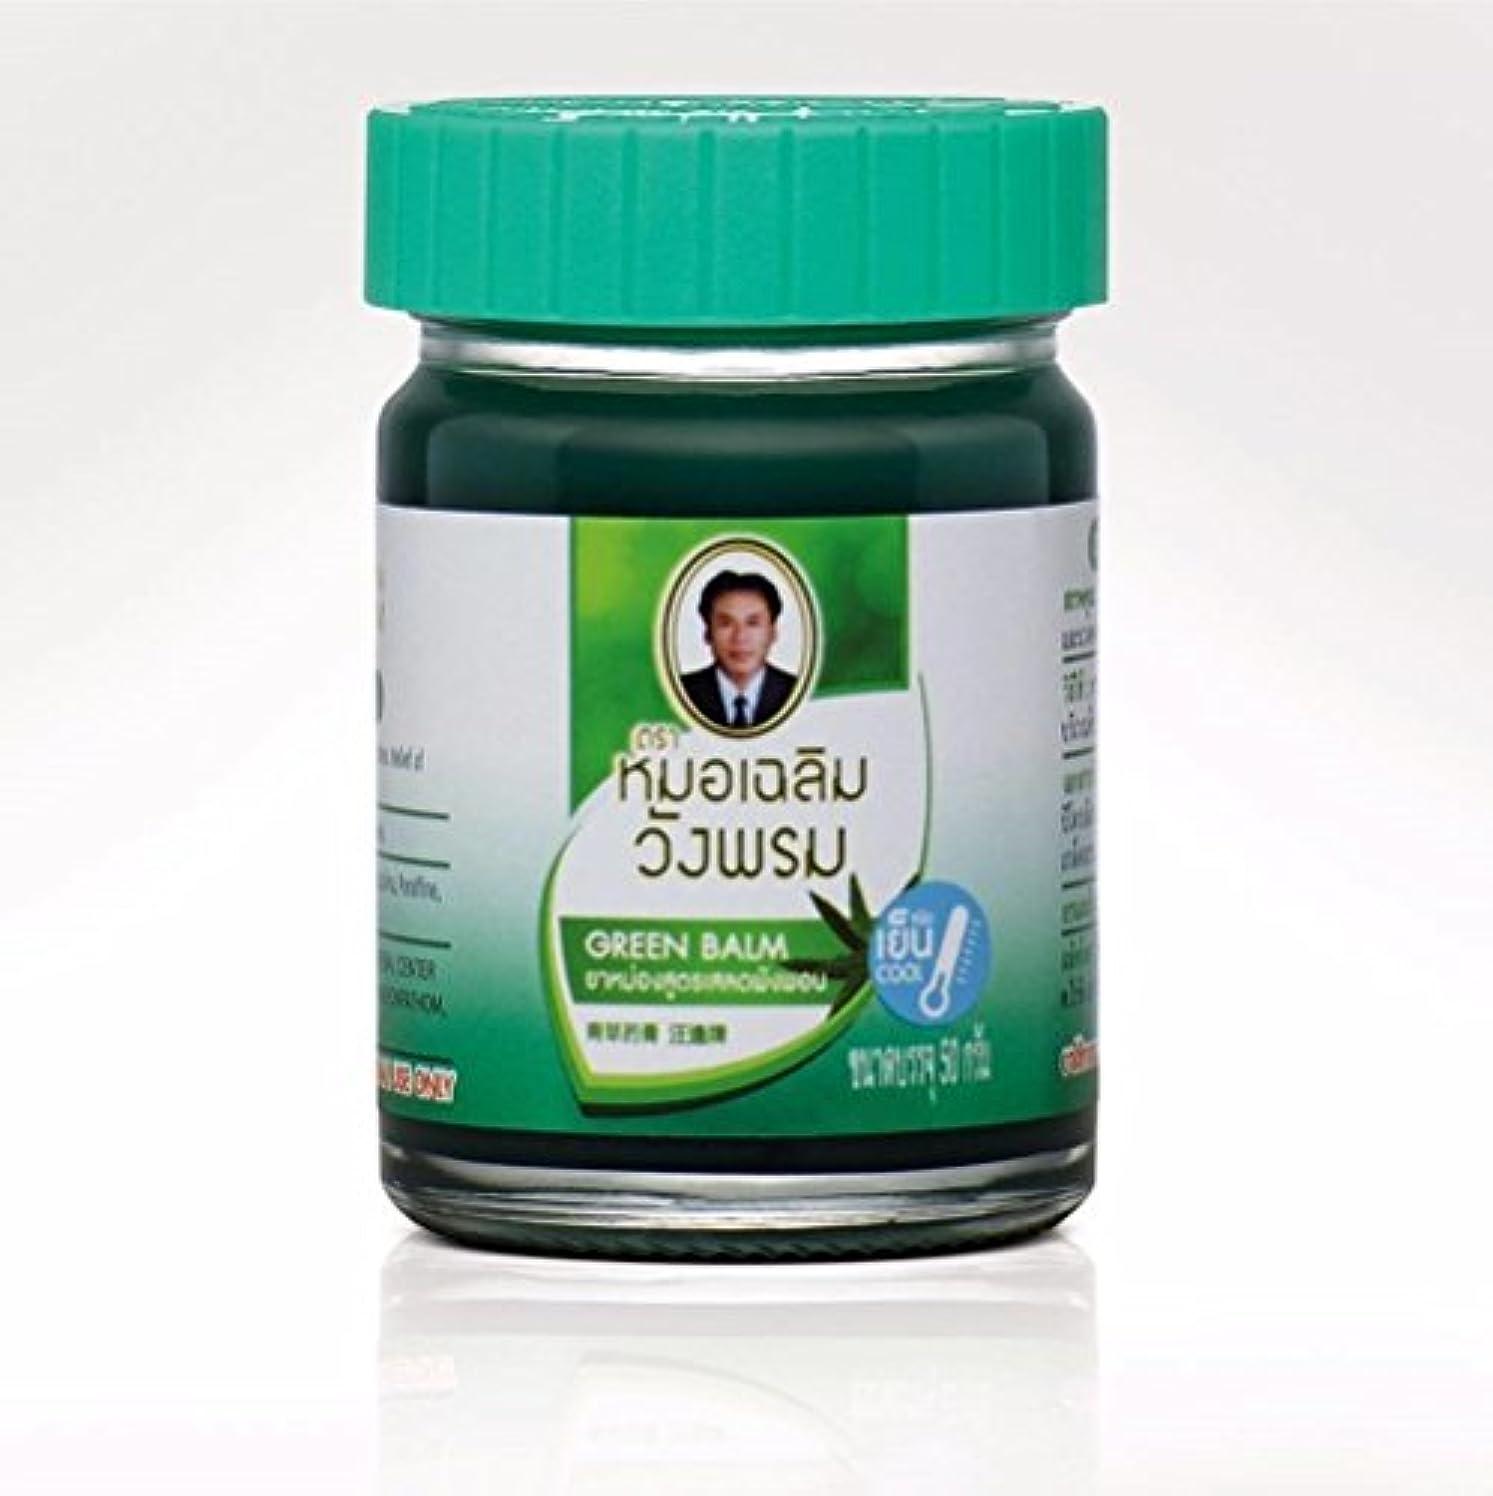 ナンセンス第九神経衰弱50G.Wangphrom Thai Herbal Balm Massage Body Relief Muscle Pain,Thai Herb Green Balm (COOL) size 50 gram..(2 pc.)